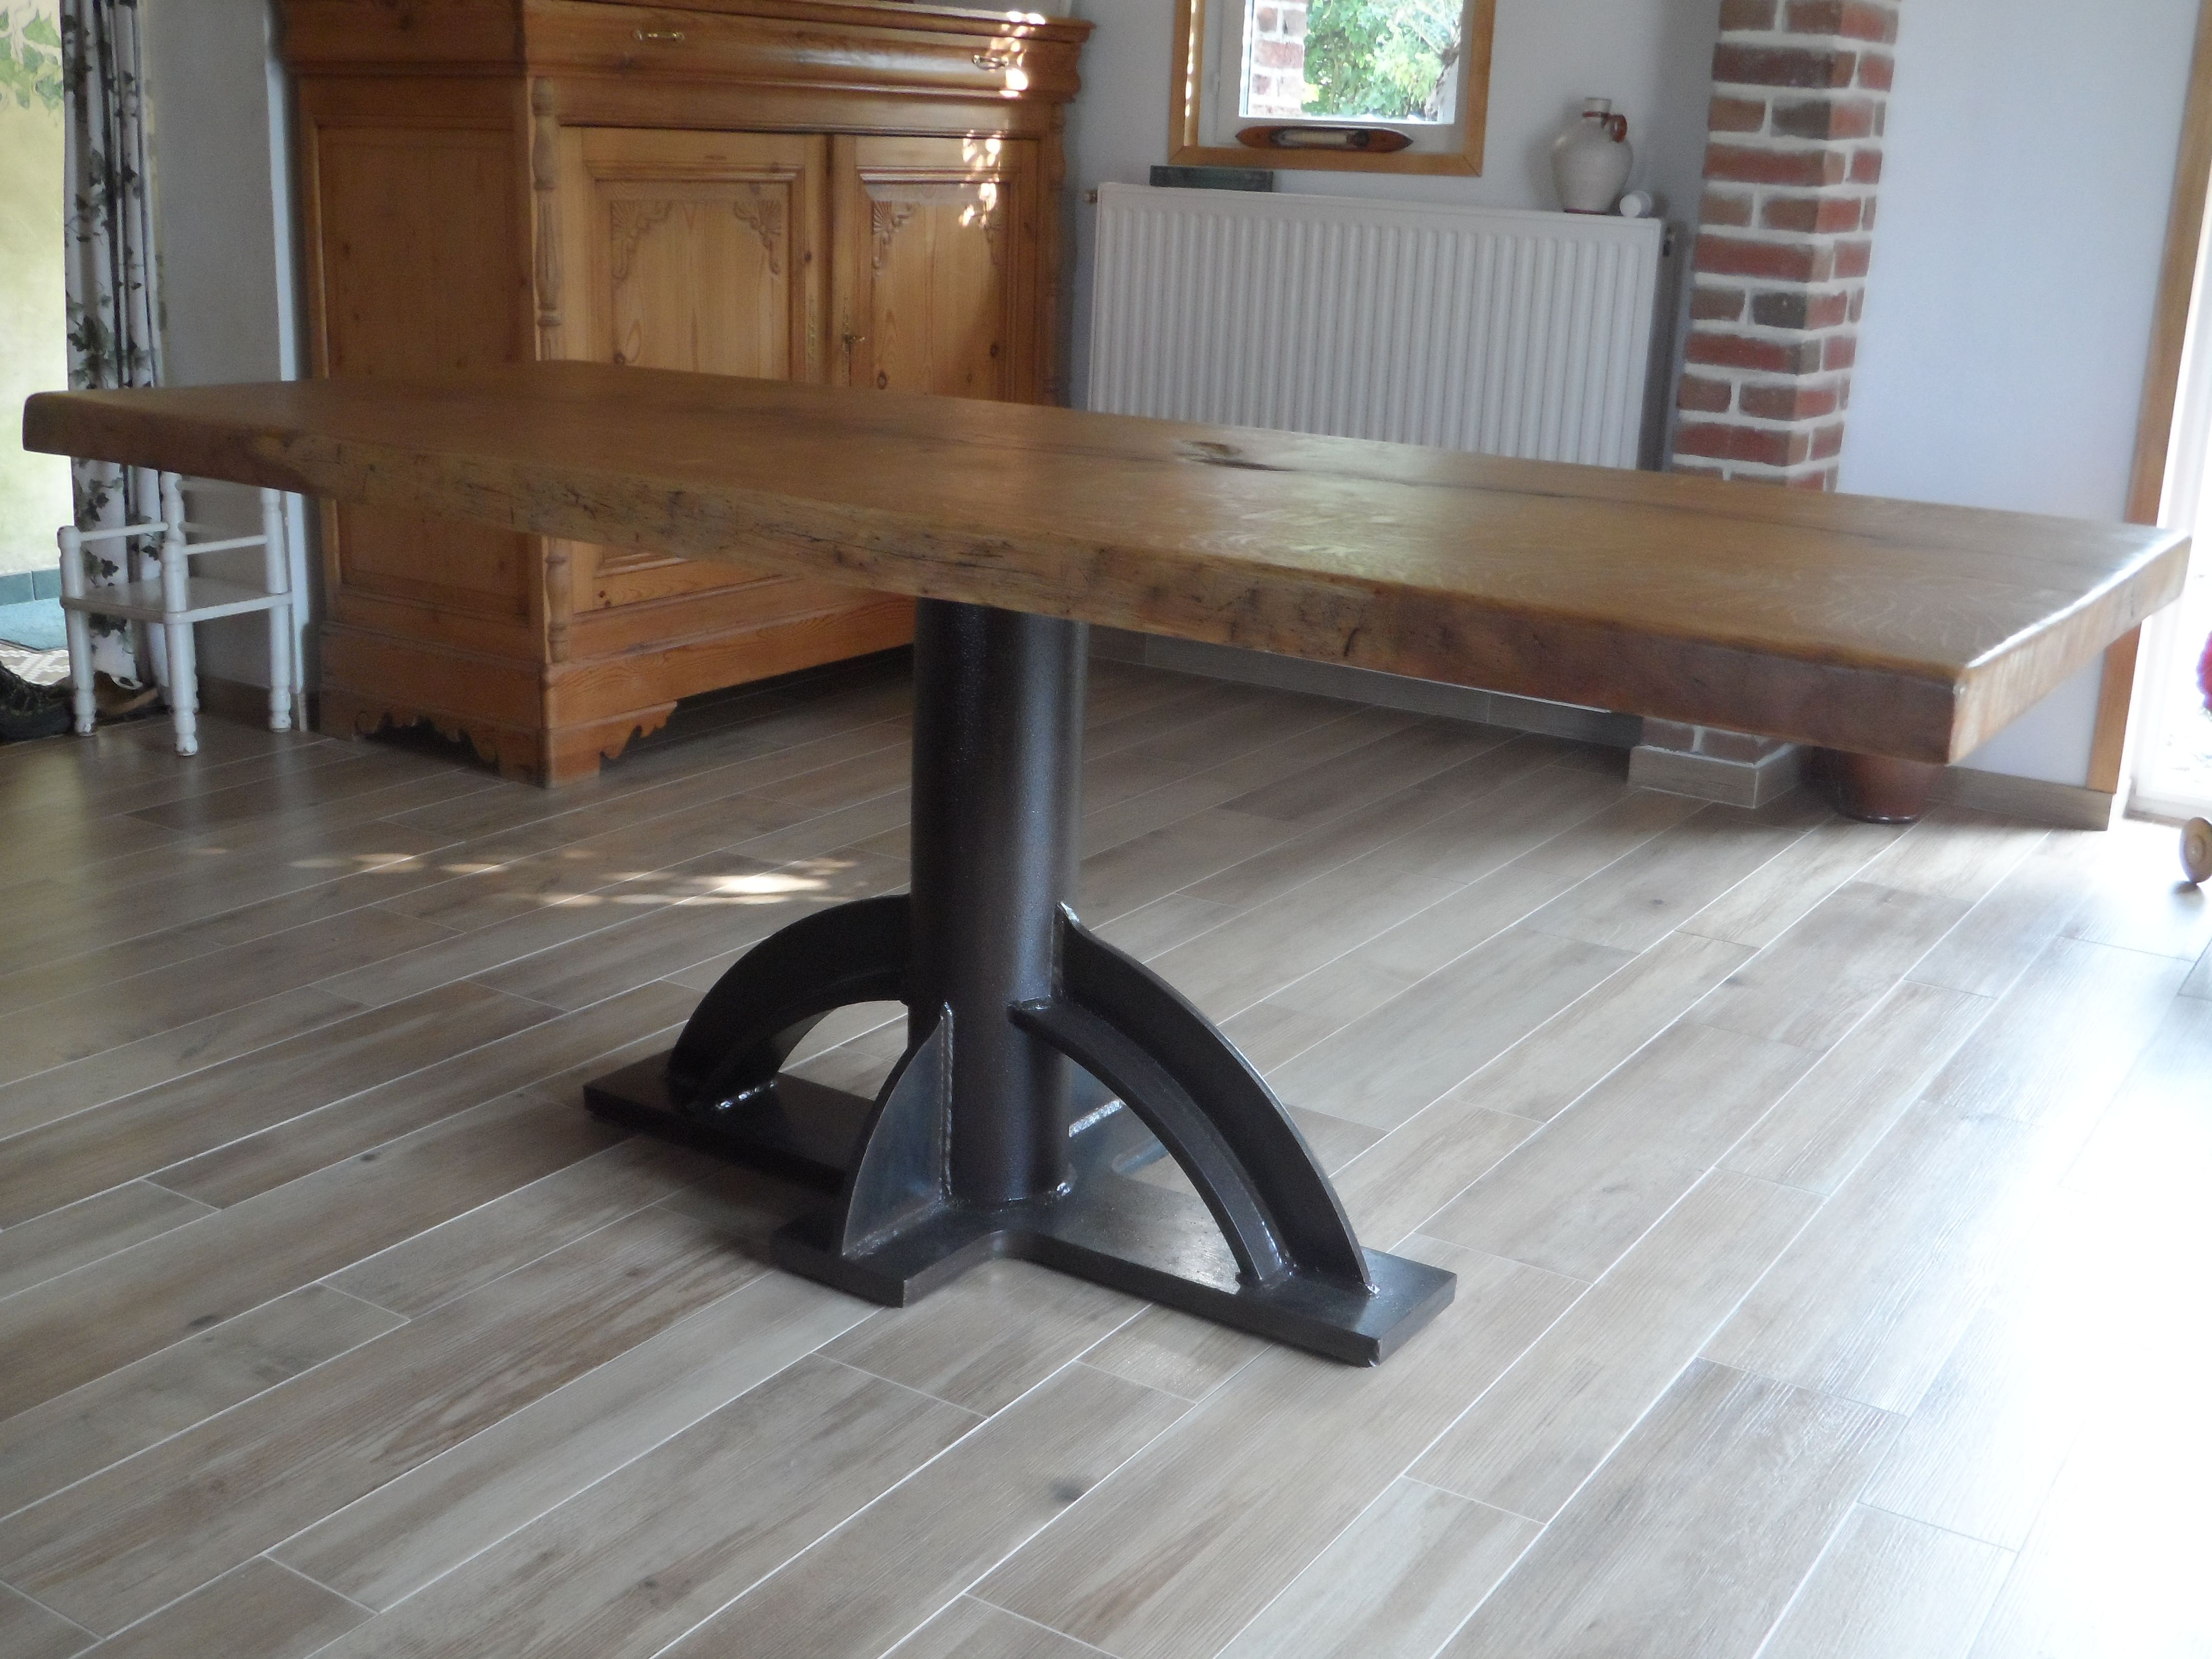 Max Des Bois Ebeniste Restaurateur Et Createur De Mobilier Table Chene Massif Mobilier De Salon Mobilier